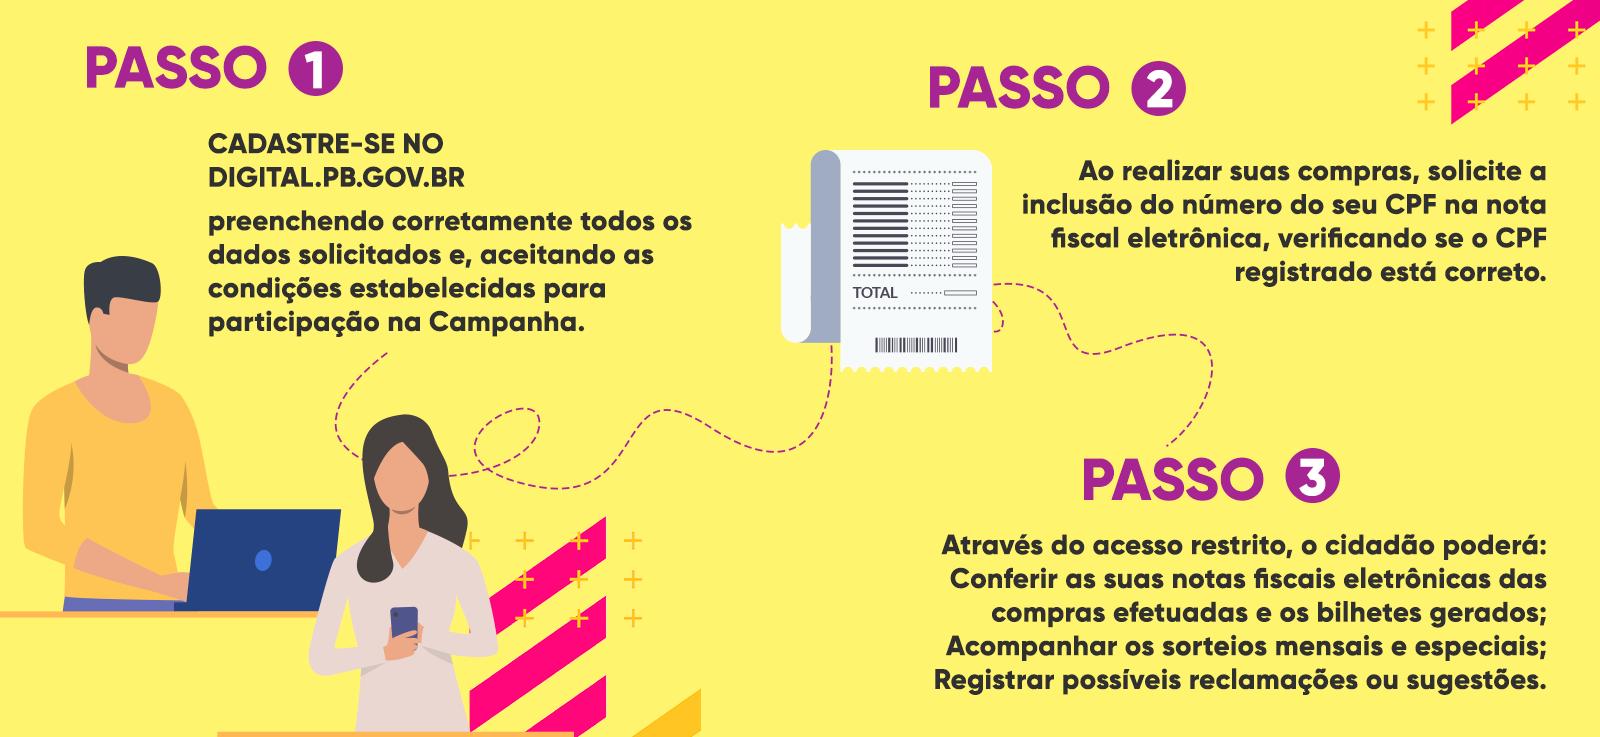 Etapas para cadastro no Digital.pb.gov.br